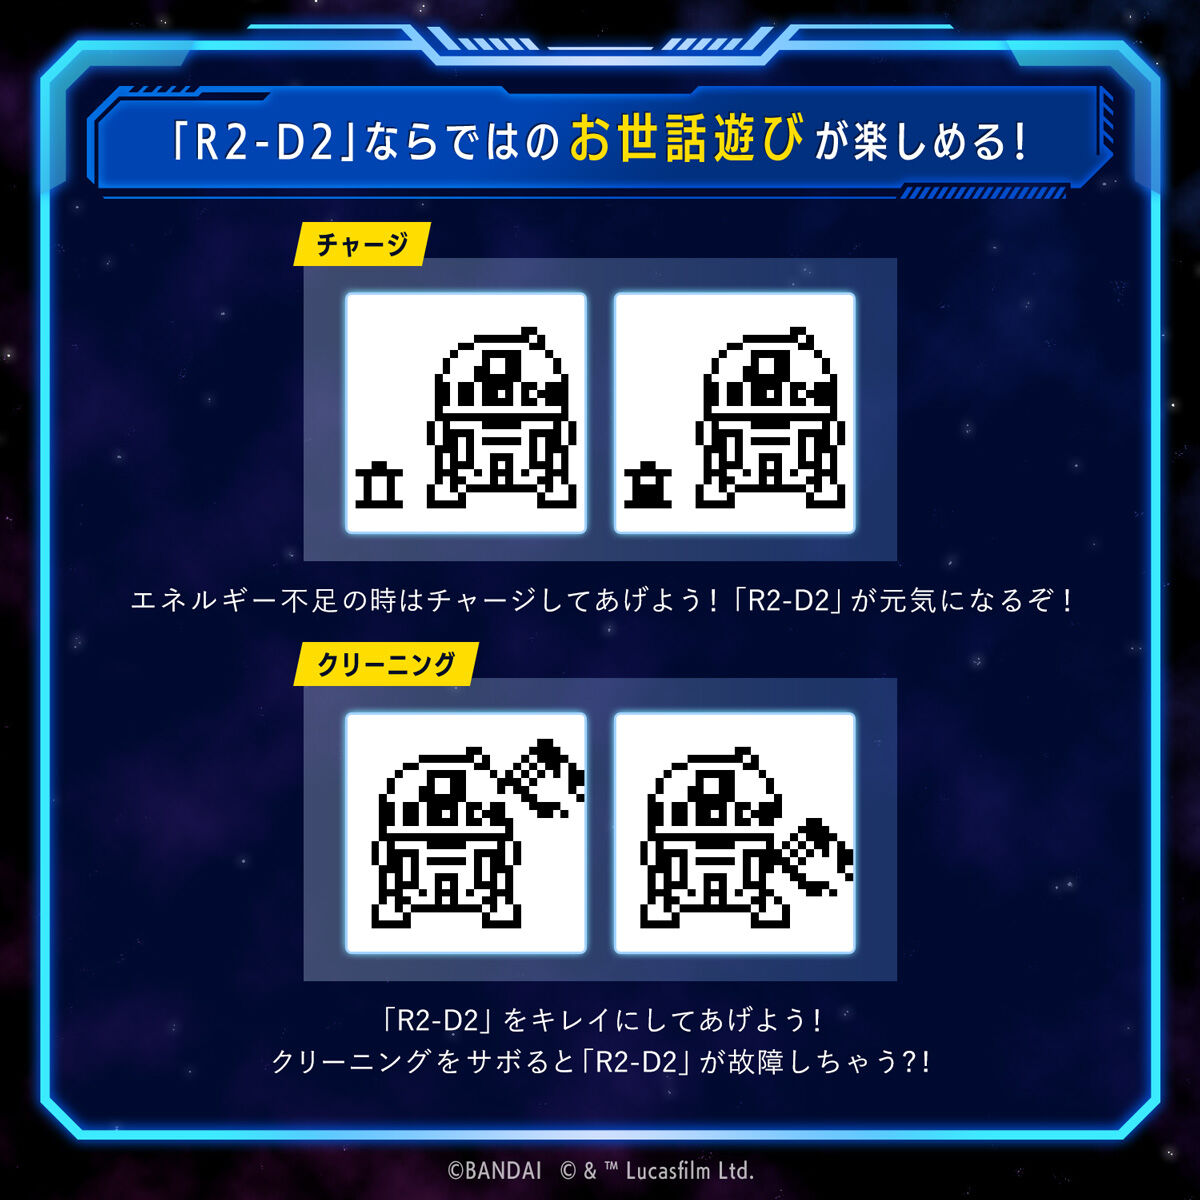 スターウォーズ『R2-D2 TAMAGOTCHI Classic color ver.』たまごっちnano-010